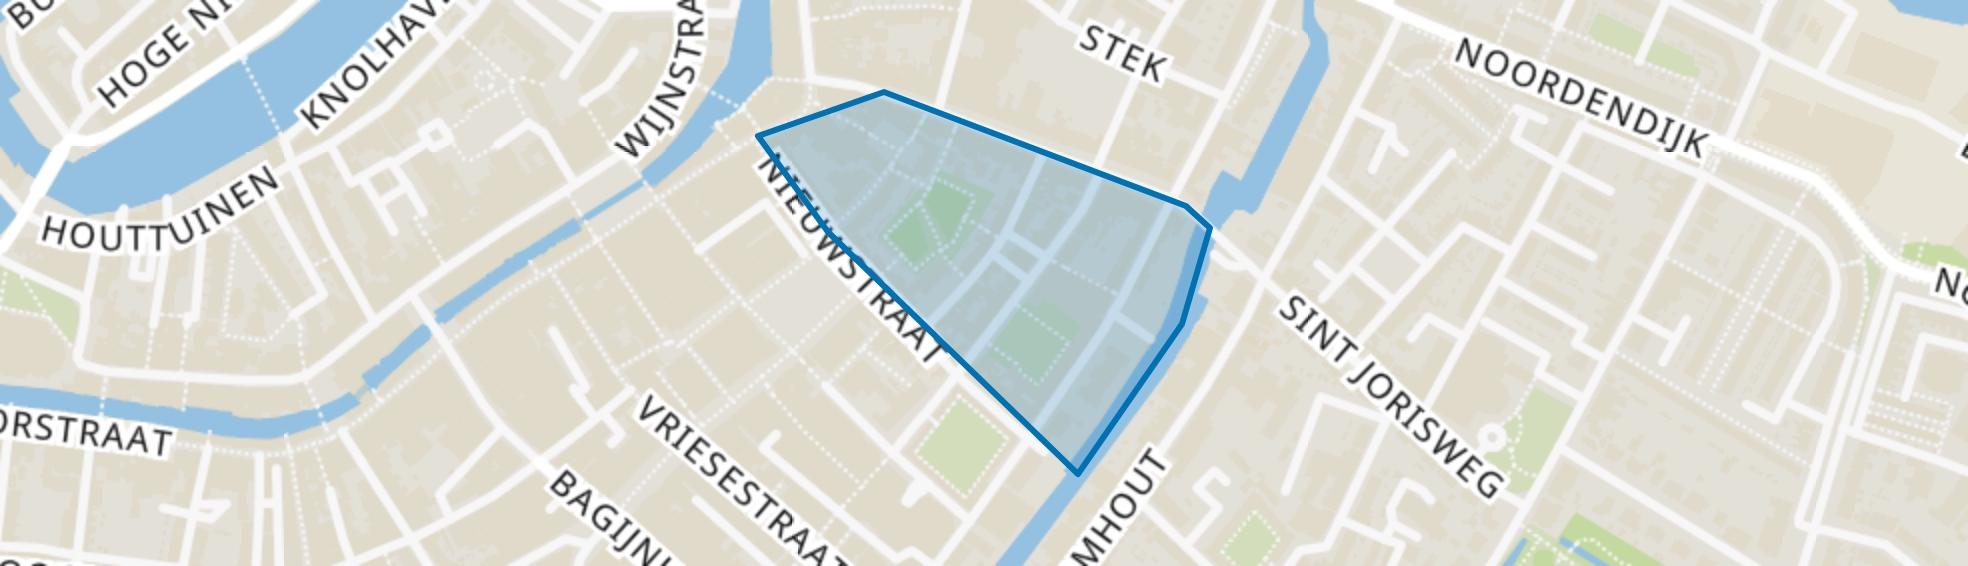 Augustijnenkamp en omgeving, Dordrecht map